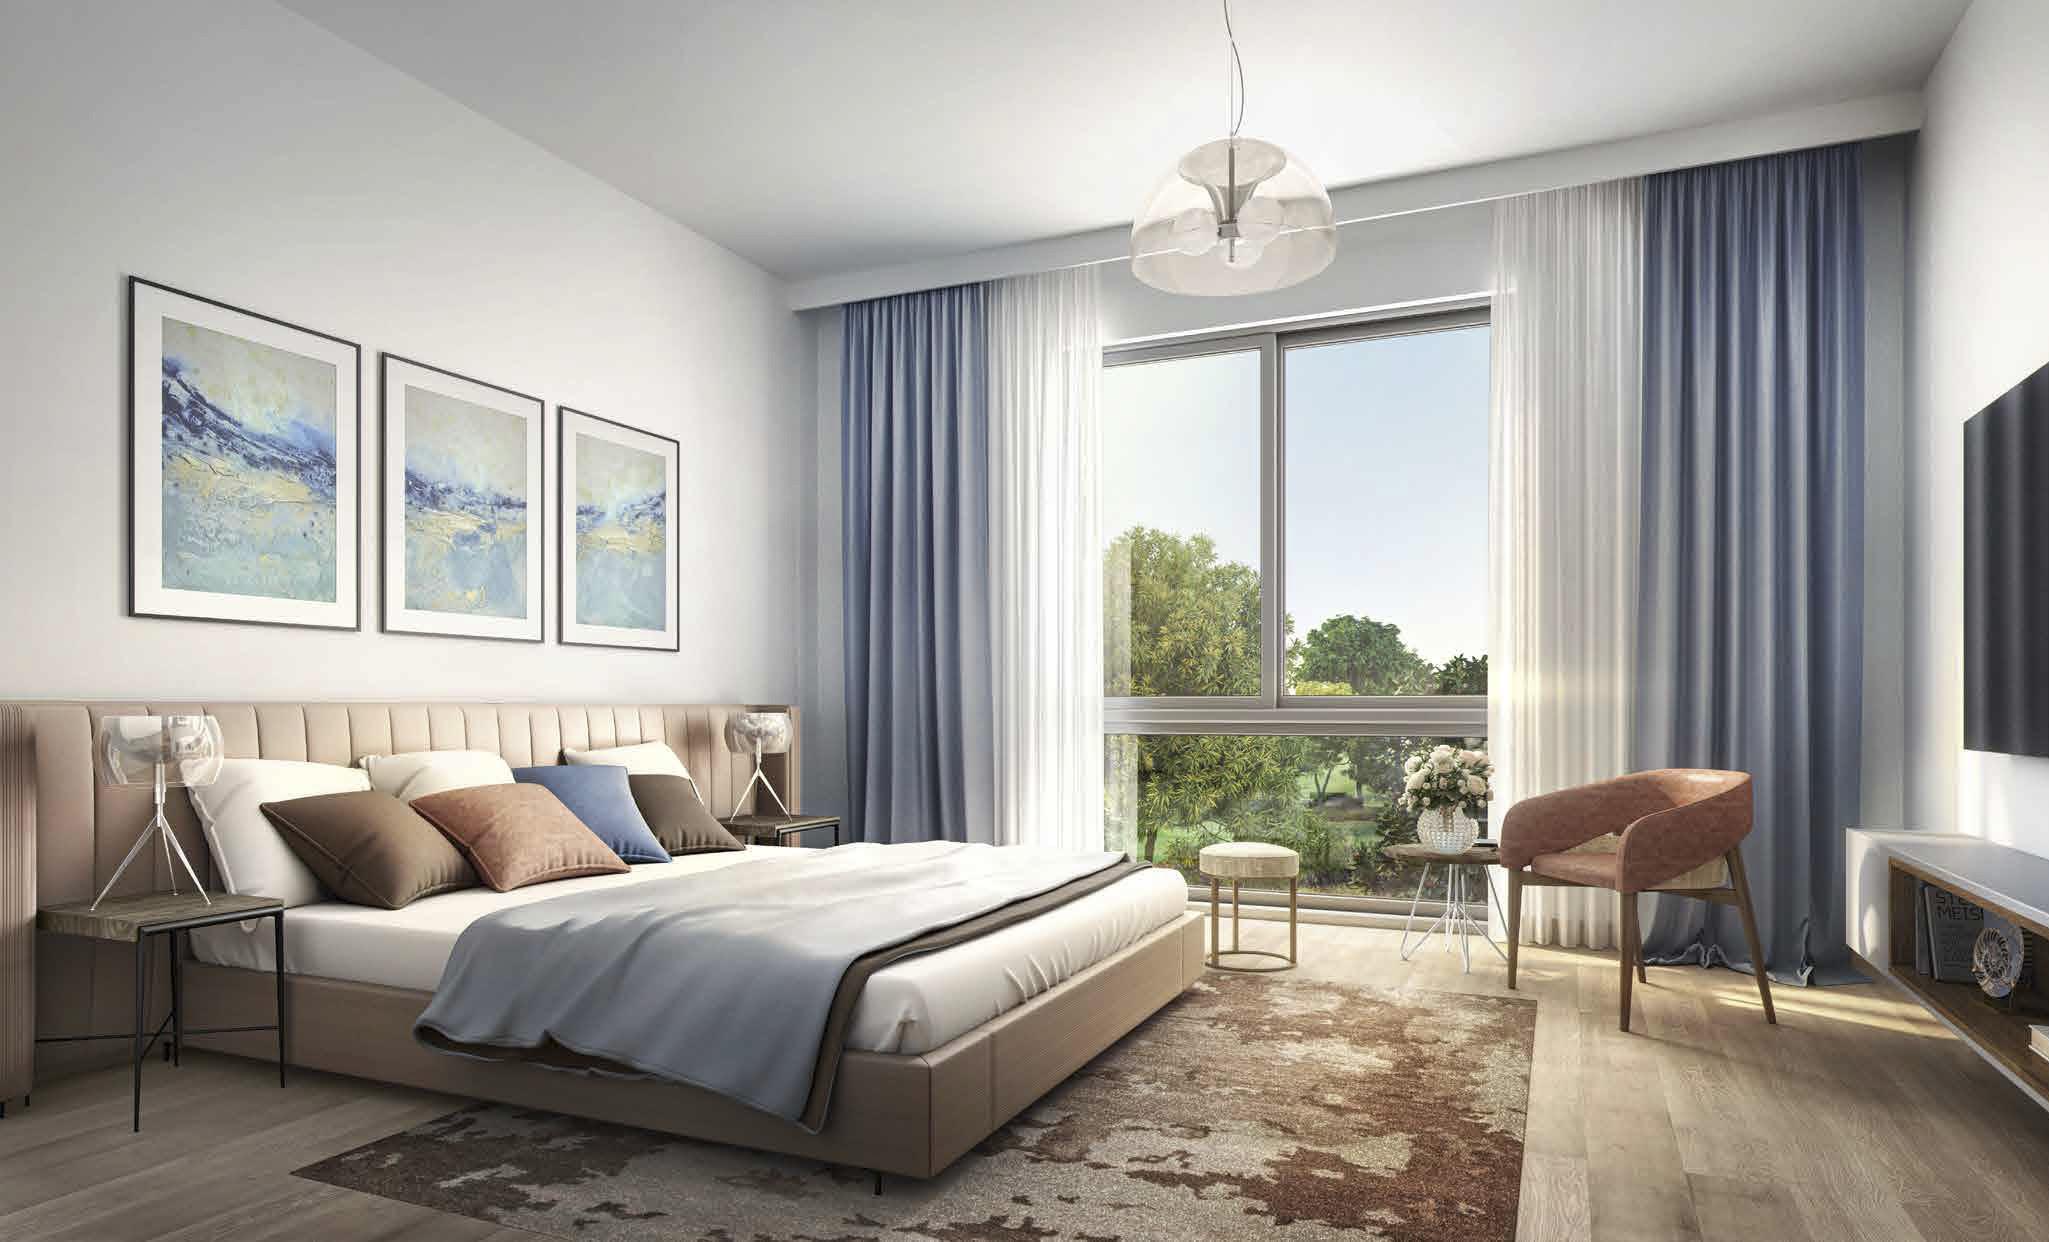 Noya Luma by Aldar on Yas Island. Premium villas for sale in Abu Dhabi 3 2